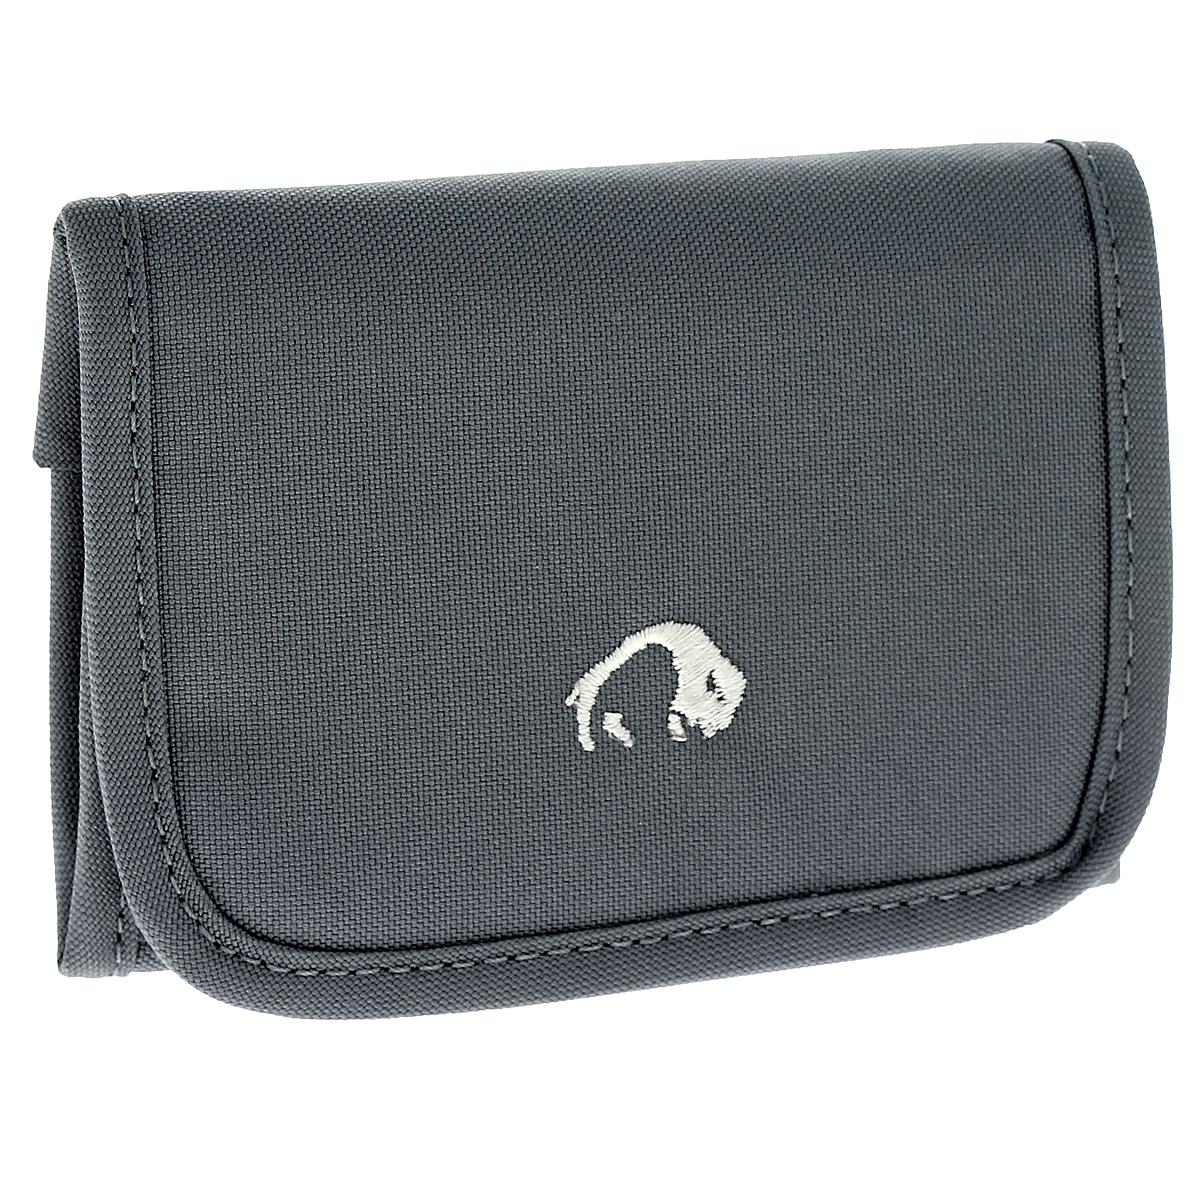 Кошелек Tatonka Folder, цвет: карбон2878.043Компактный кошелек Tatonka Folder послужит вам своей надежностью и функциональностью. Кошелек закрывается на липучку. Внутри состоит из двух больших отделений для купюр (одно из них на застежке-молнии), внутреннего органайзера (3 отделения для кредитных карт, пластиковый блок из 6 отделений для кредитных карт и прозрачное пластиковое окошко) и небольшого кармашка на застежке-молнии для мелочи. Также имеются два потайных кармашка. К кошельку прикреплено пластиковое кольцо для ключей. Оригинальный кошелек - неотъемлемый атрибут любого, он является повседневным предметом пользования, и призван подчеркнуть стиль и вкус его обладателя.